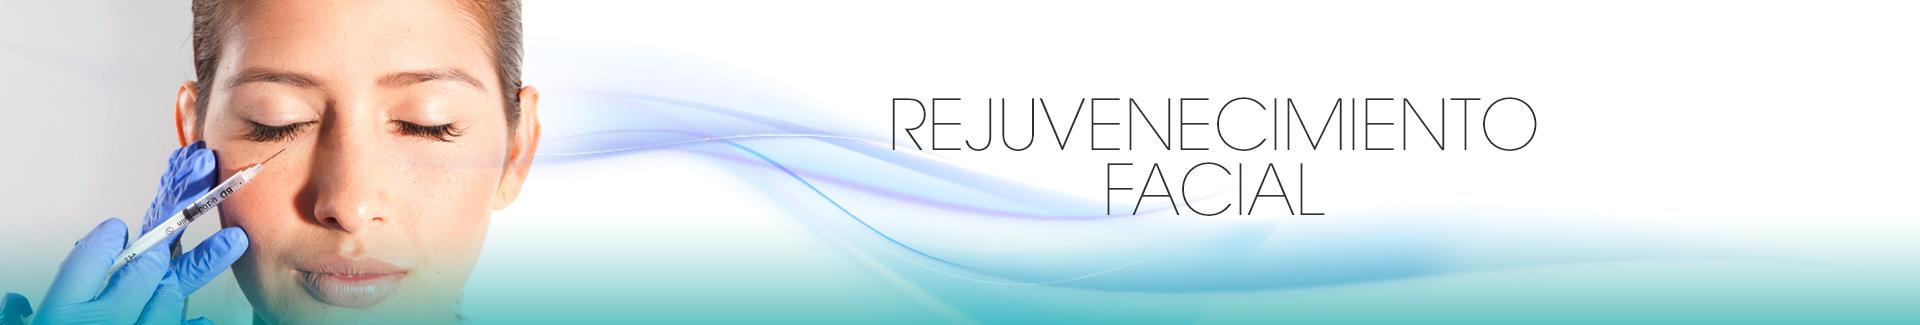 Tratamientos de Rejuvenecimiento Facial - Clínica Sergio Rada, Medicina Estética Especializada